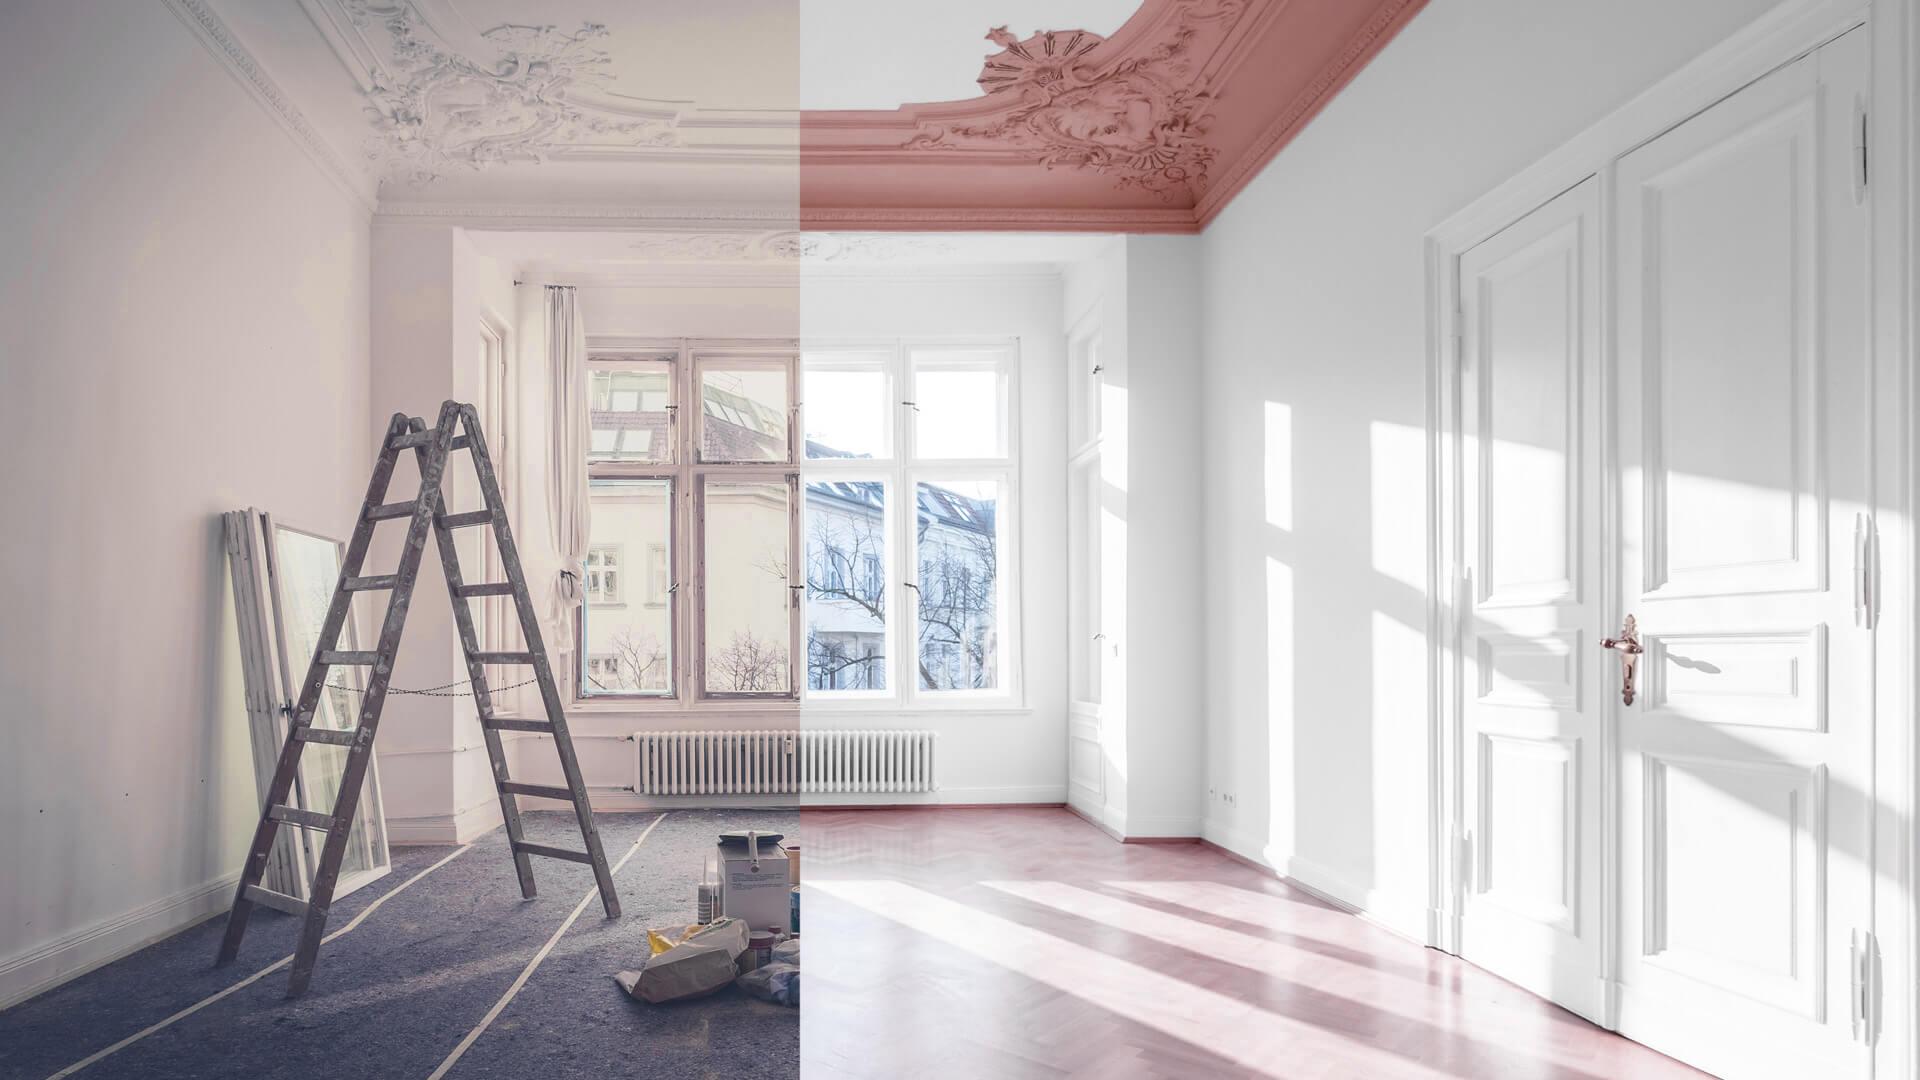 Ristrutturazione Completa Casa Costi quando comprare casa da ristrutturare? - idea ristruttura